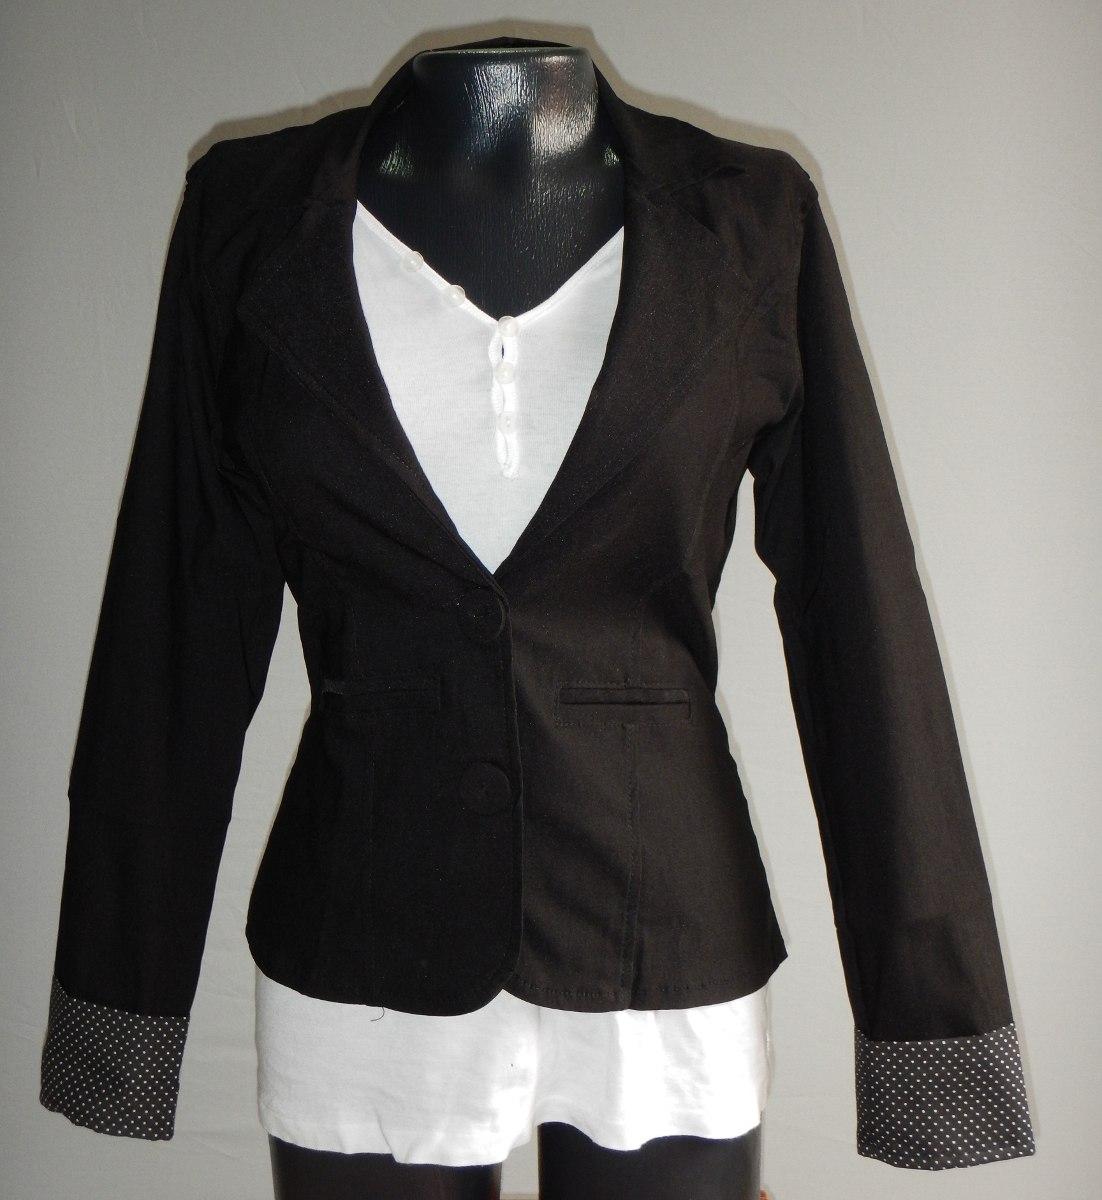 Blazer Mujer Chaqueta Danastore -   49.900 en Mercado Libre ec0d2213561